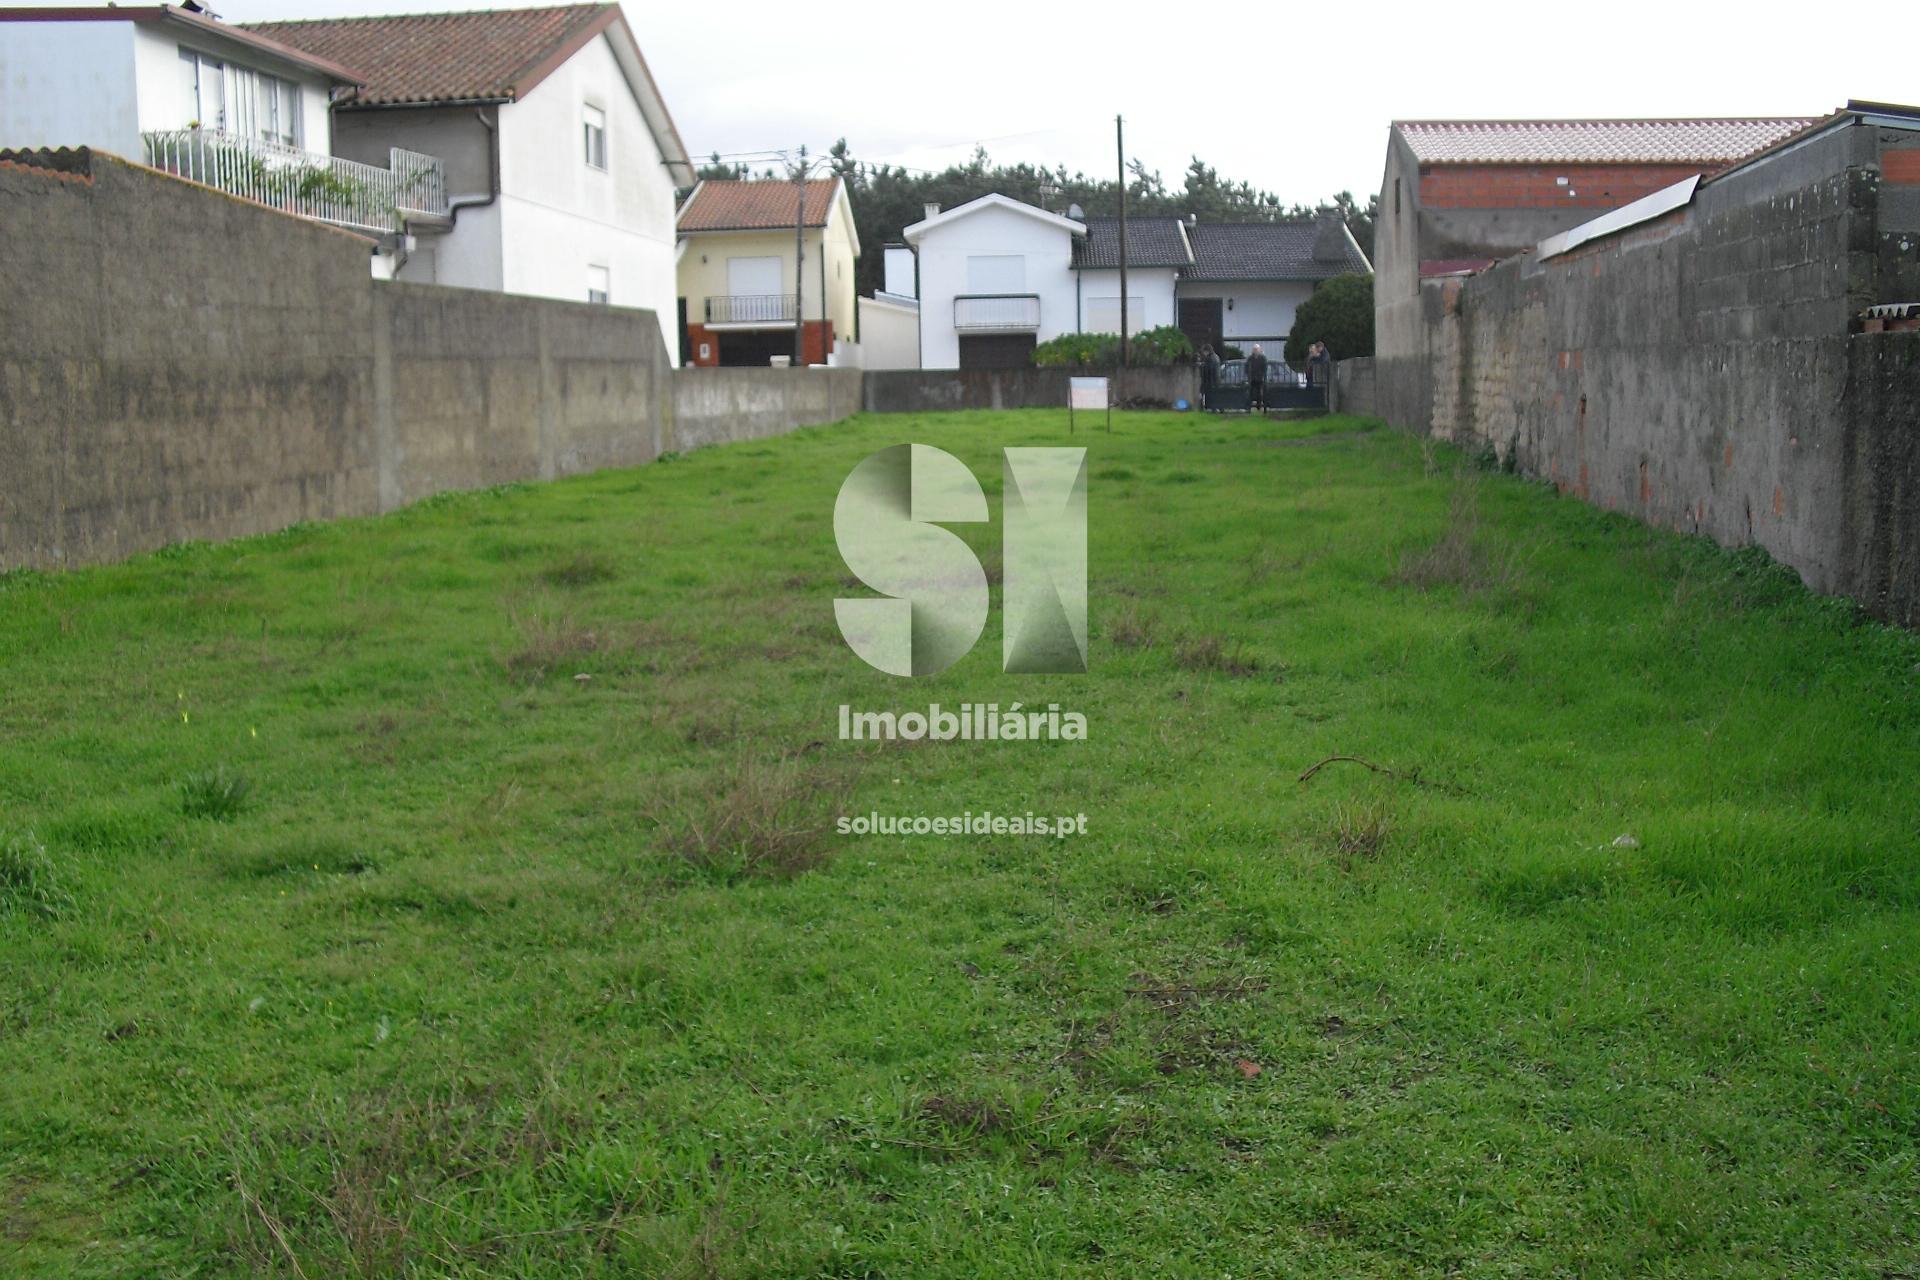 terreno para compra em figueira da foz quiaios FIGCF2512